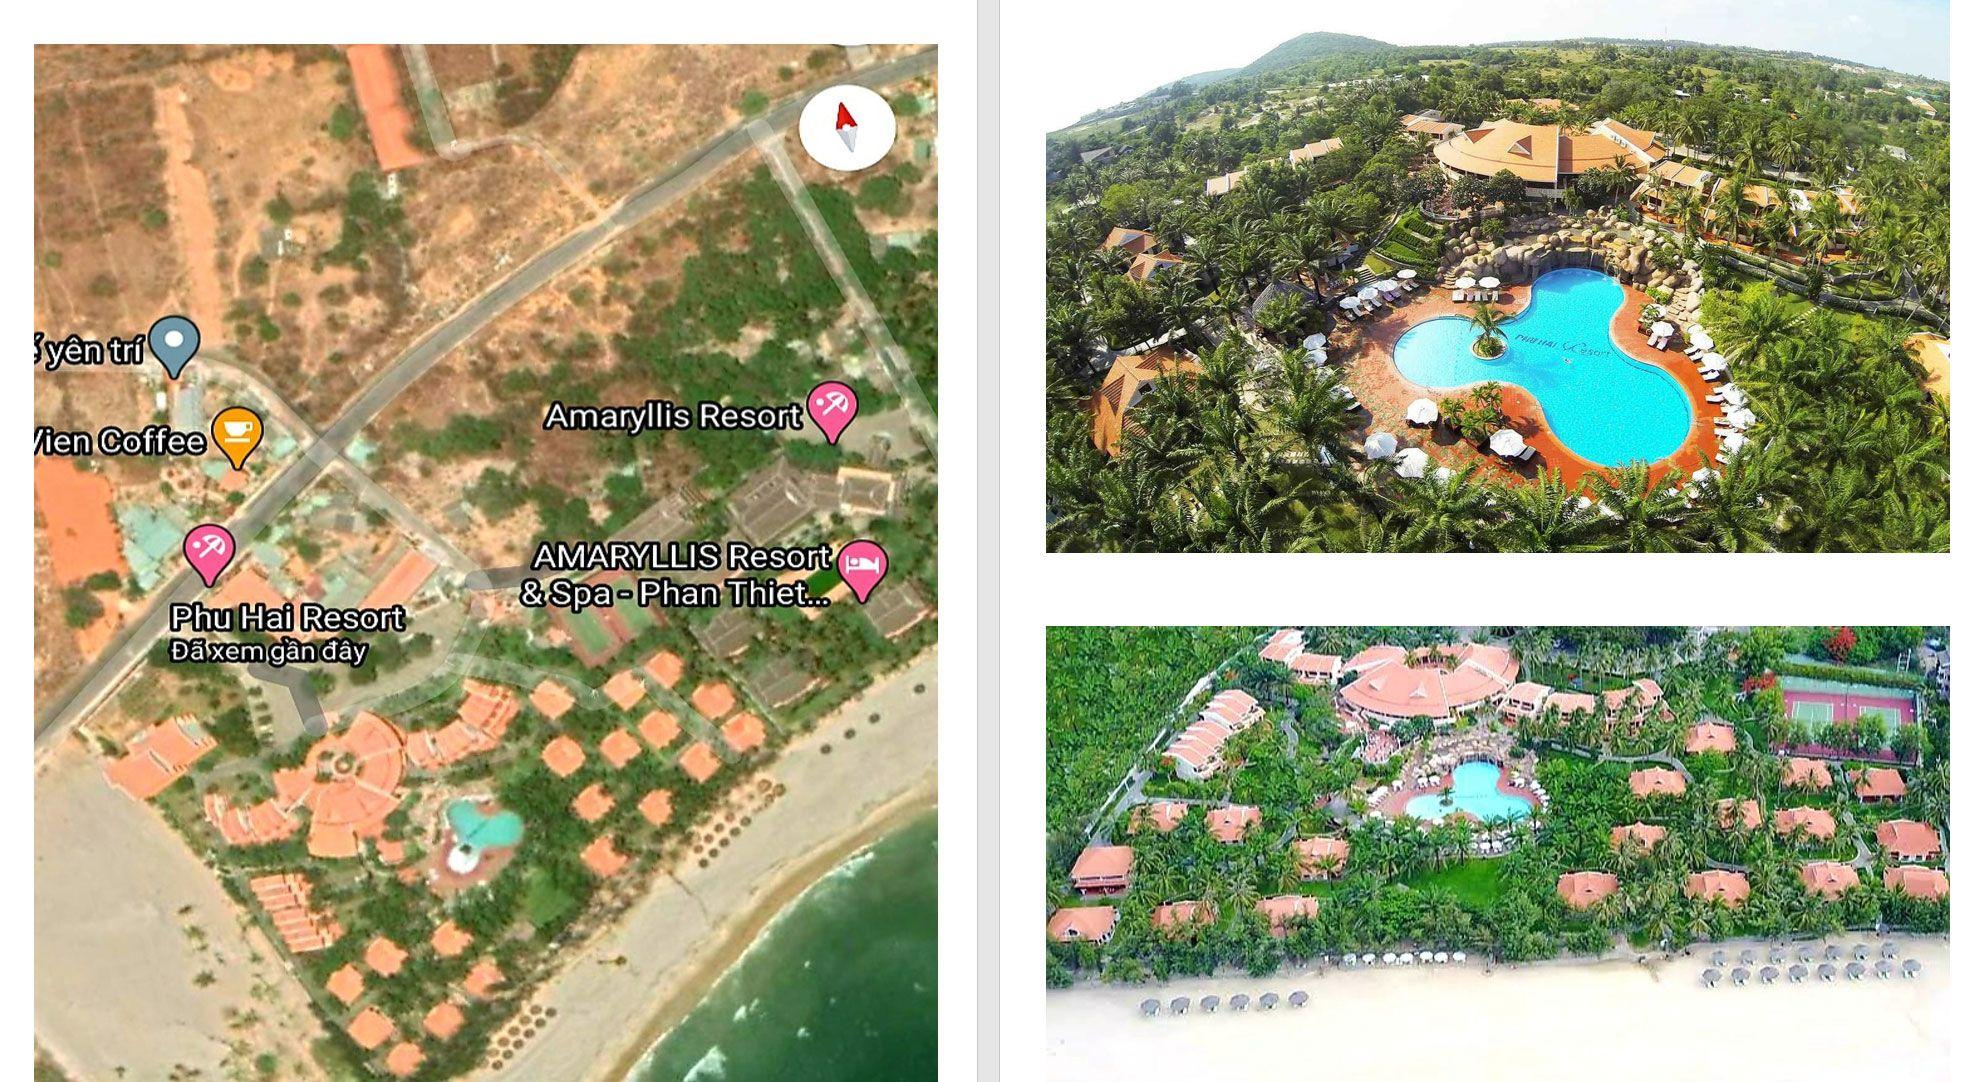 Bình Thuận | Bán Resort 4 sao 3.3ha Nguyễn Thông, Phú Hài - 749 Tỷ TL